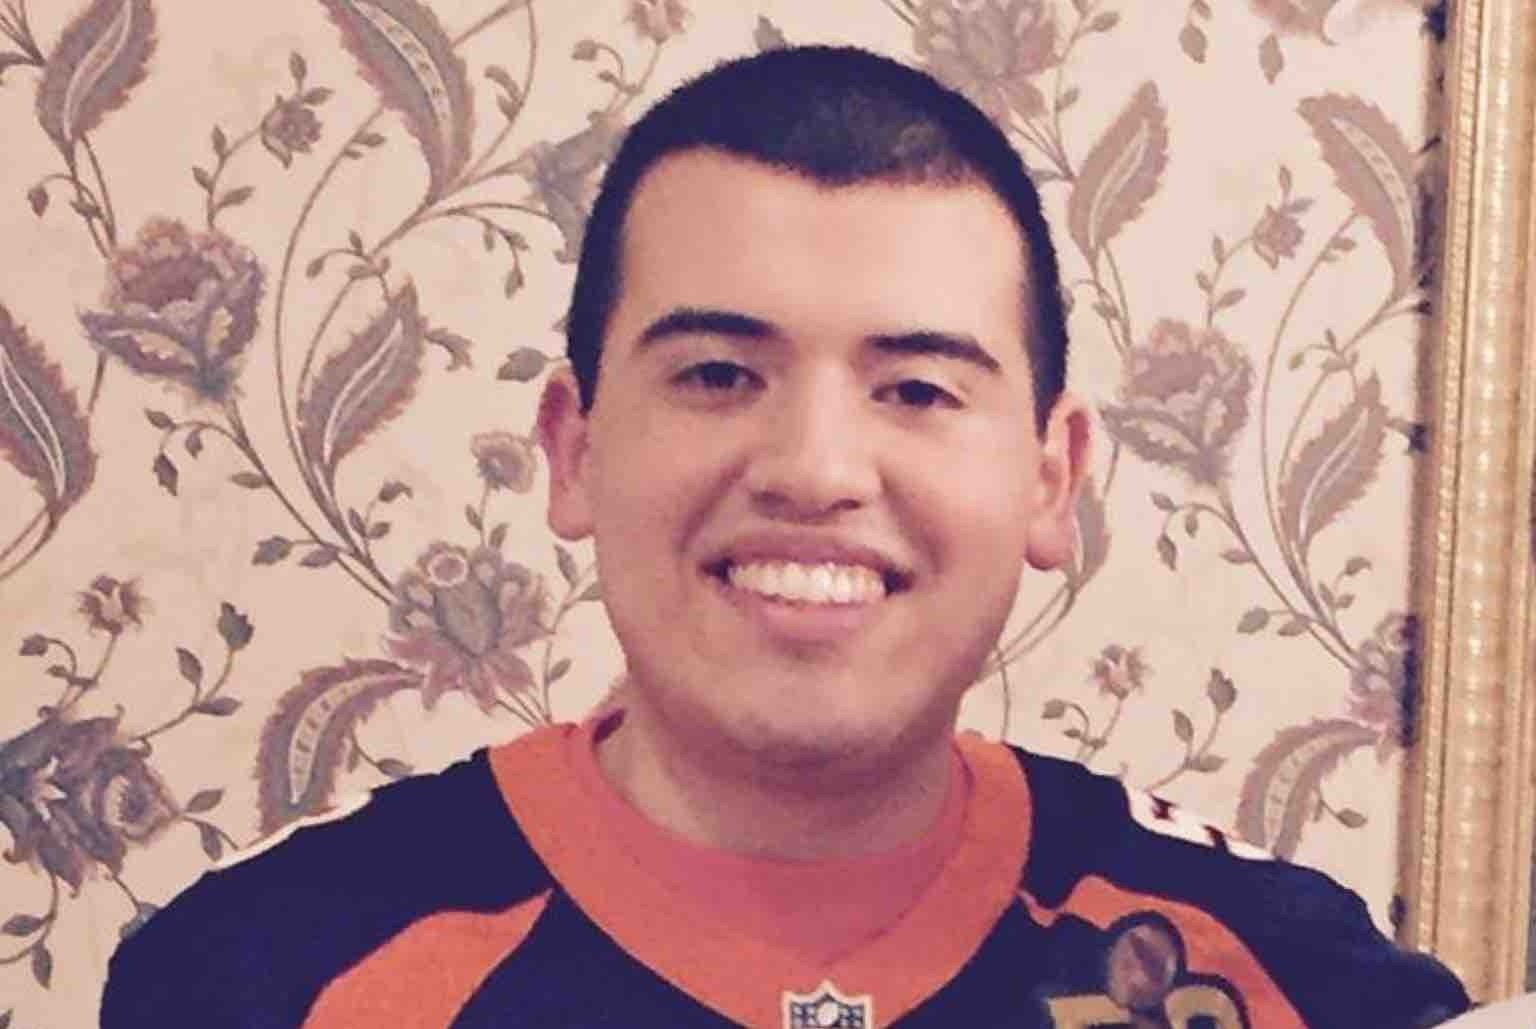 How You Can Help Juan Zuniga El padre Manager